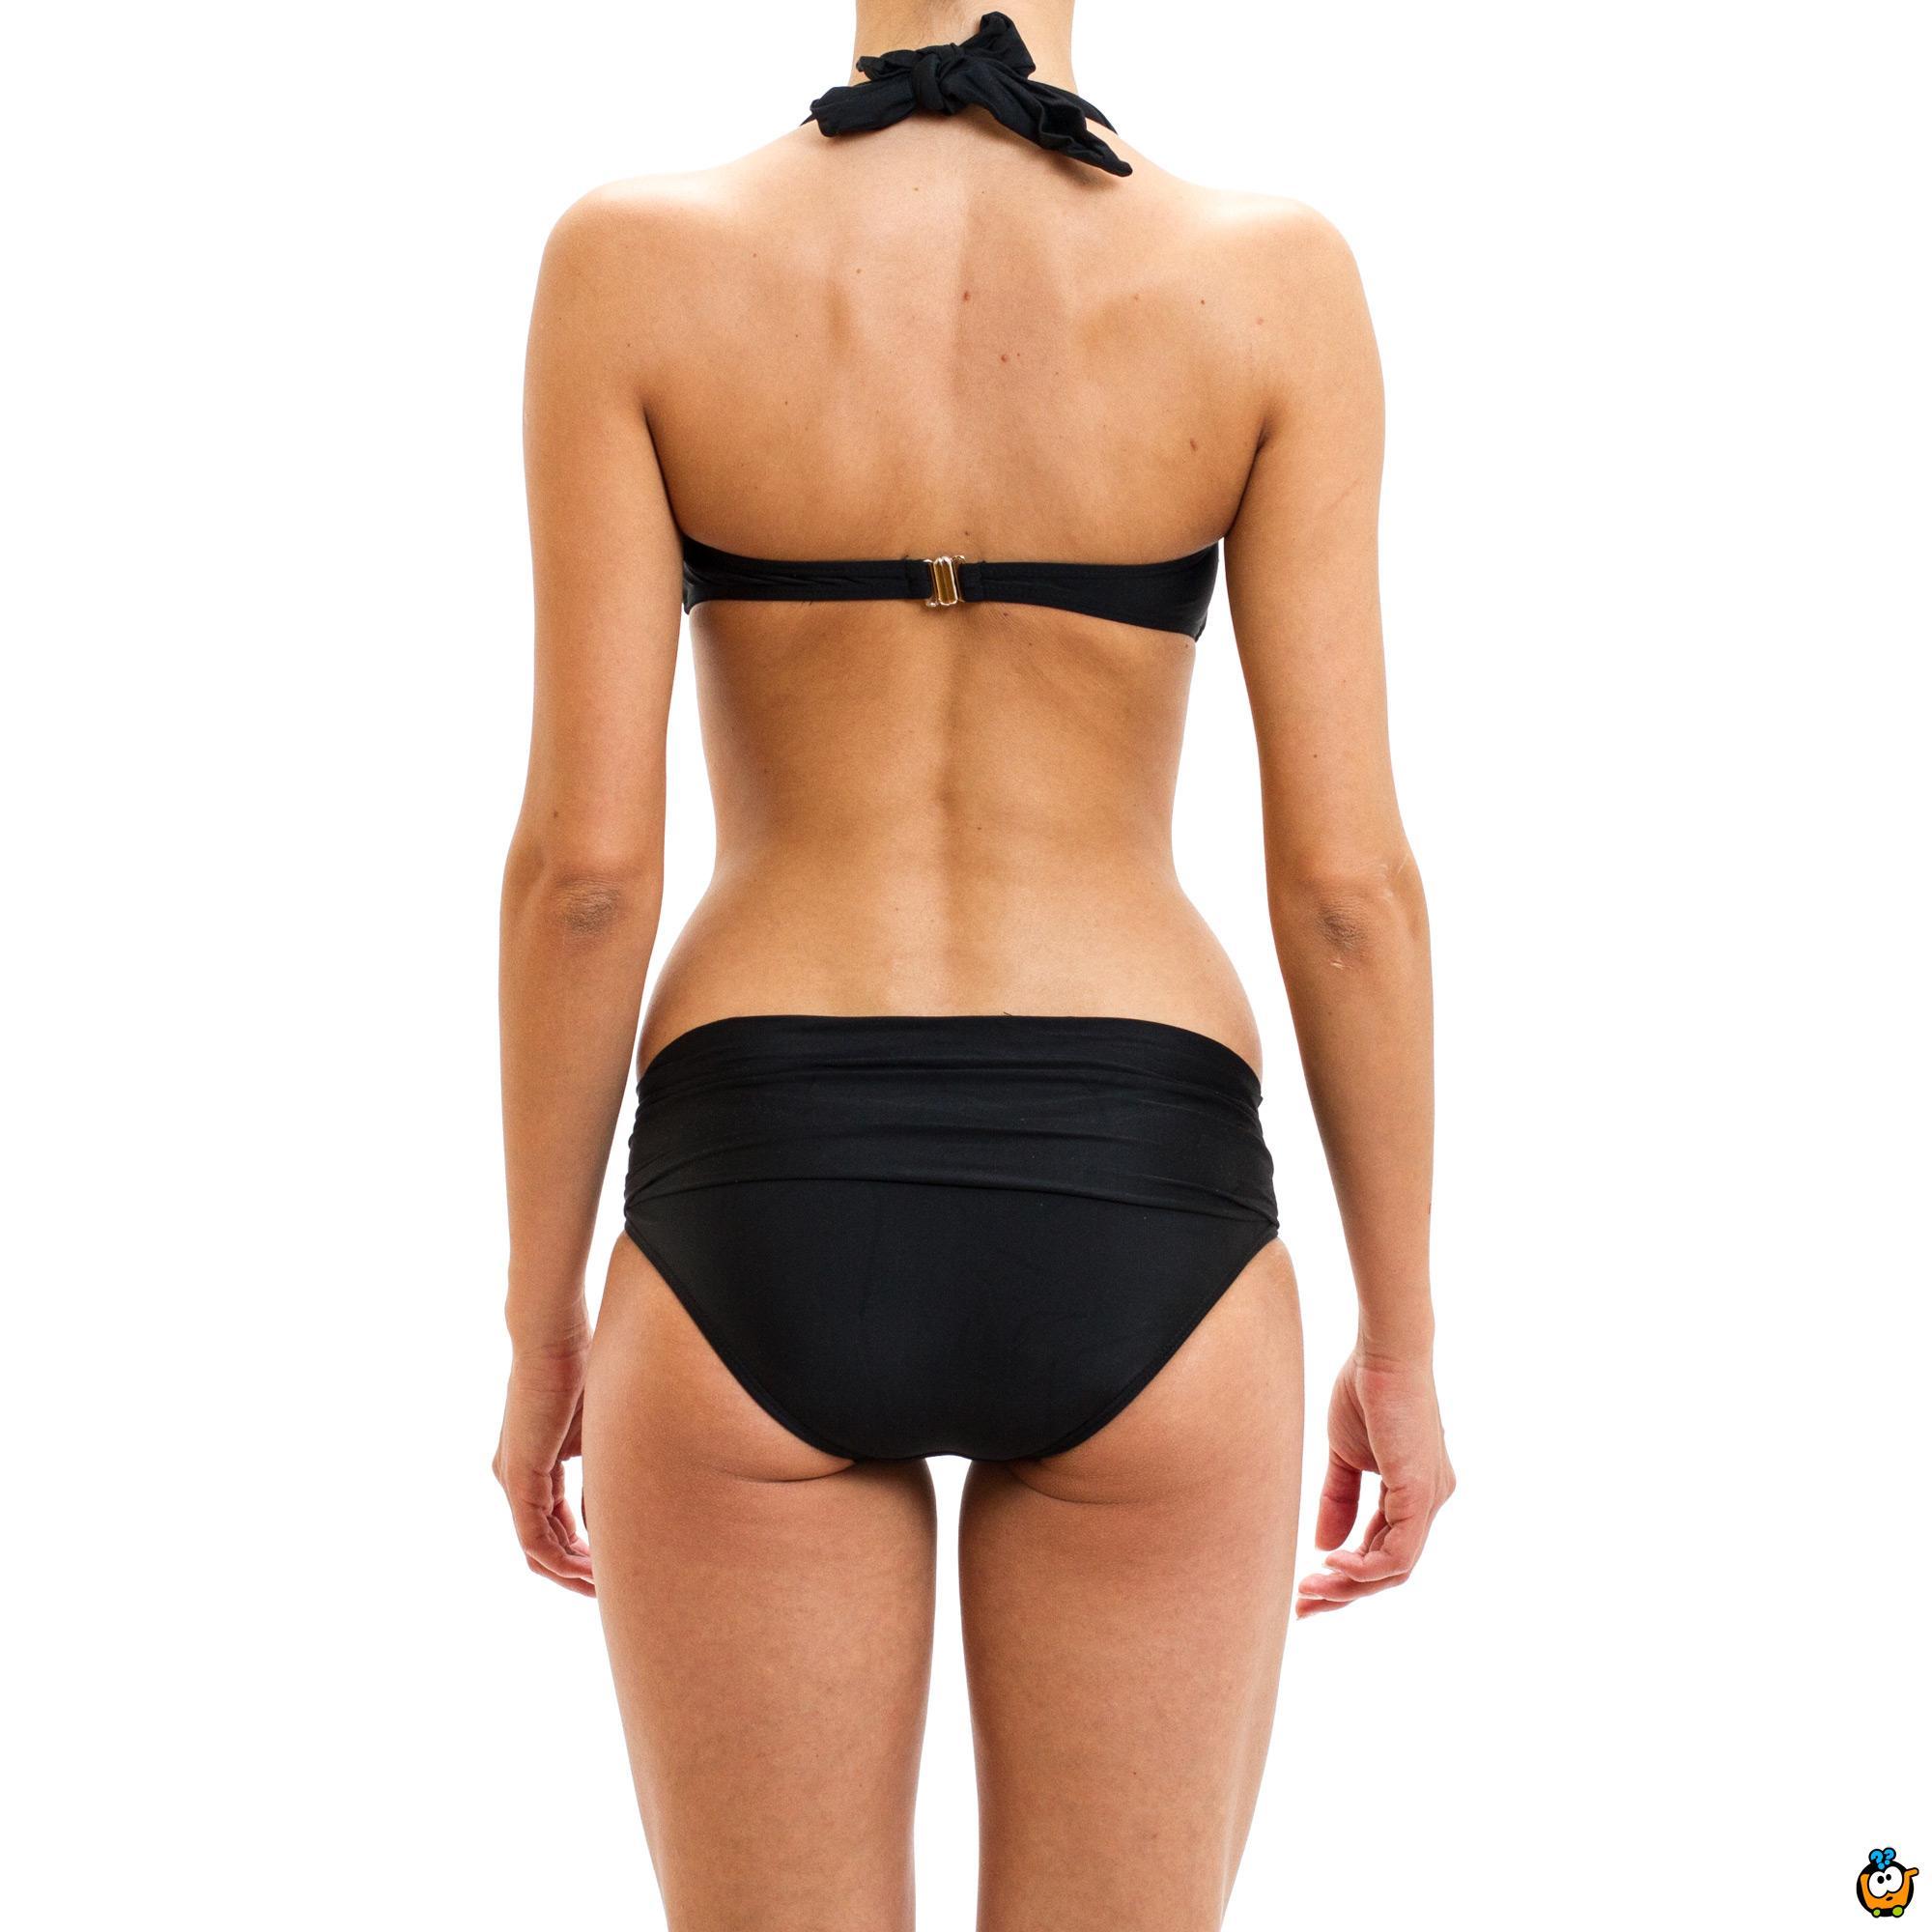 Dvodelni ženski kupaći kostim - LONG ISLAND